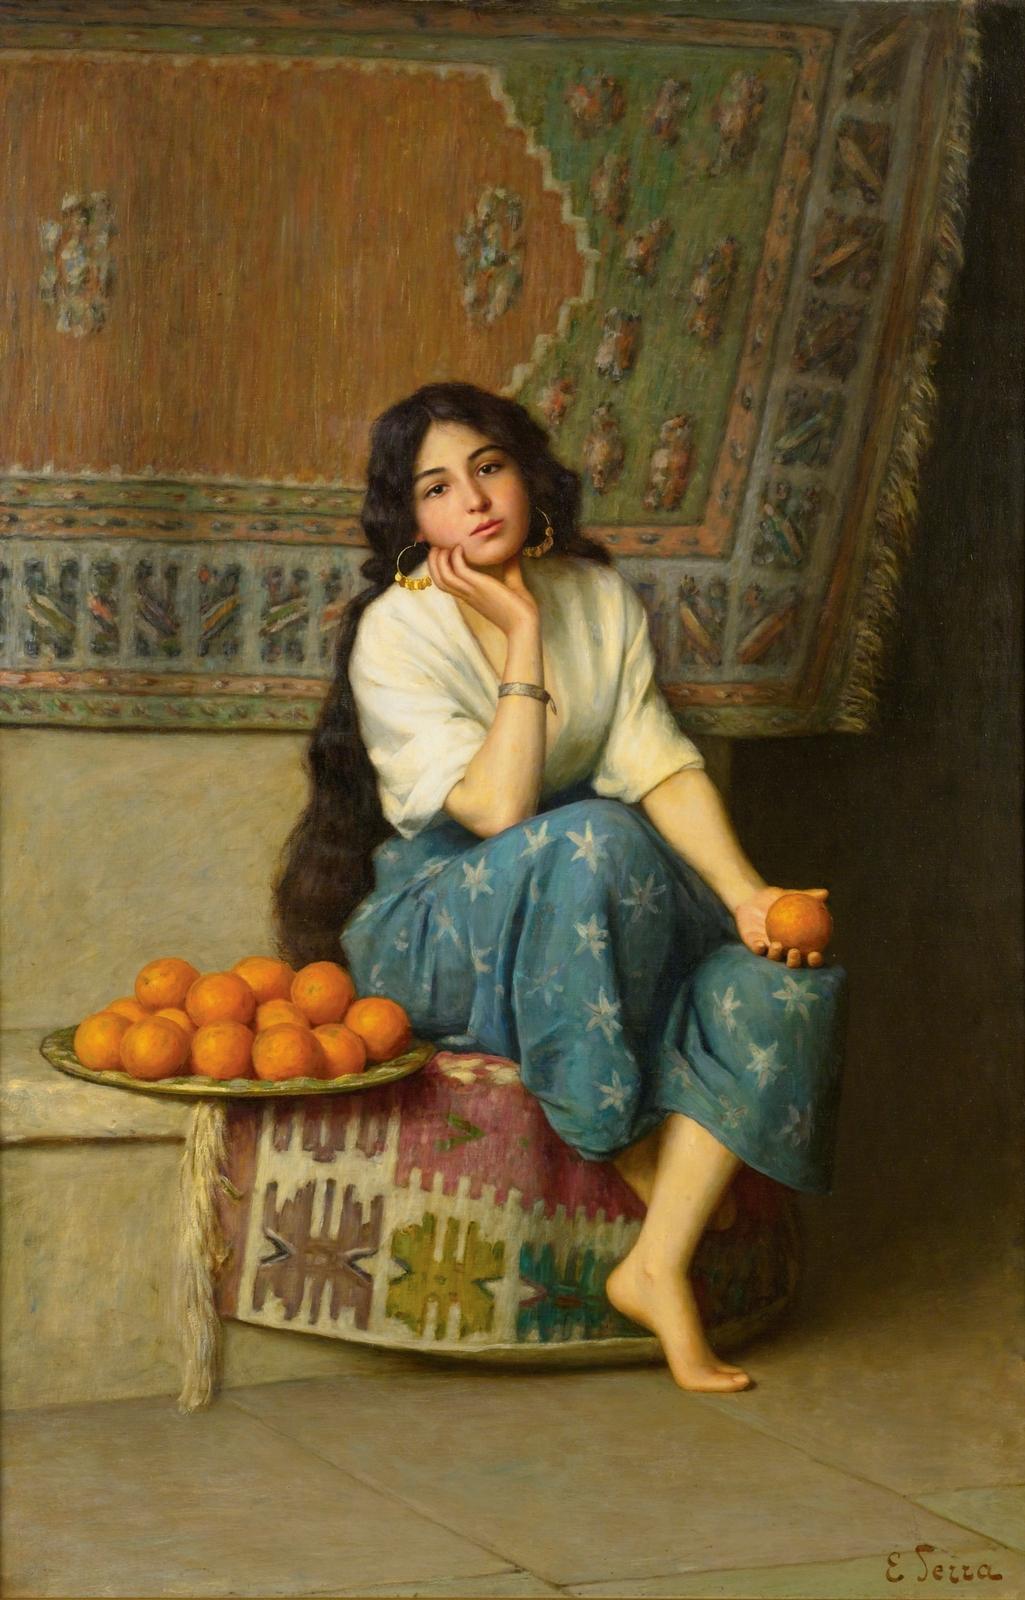 Enrique  Serra  y  Auque  The  Orange  Seller